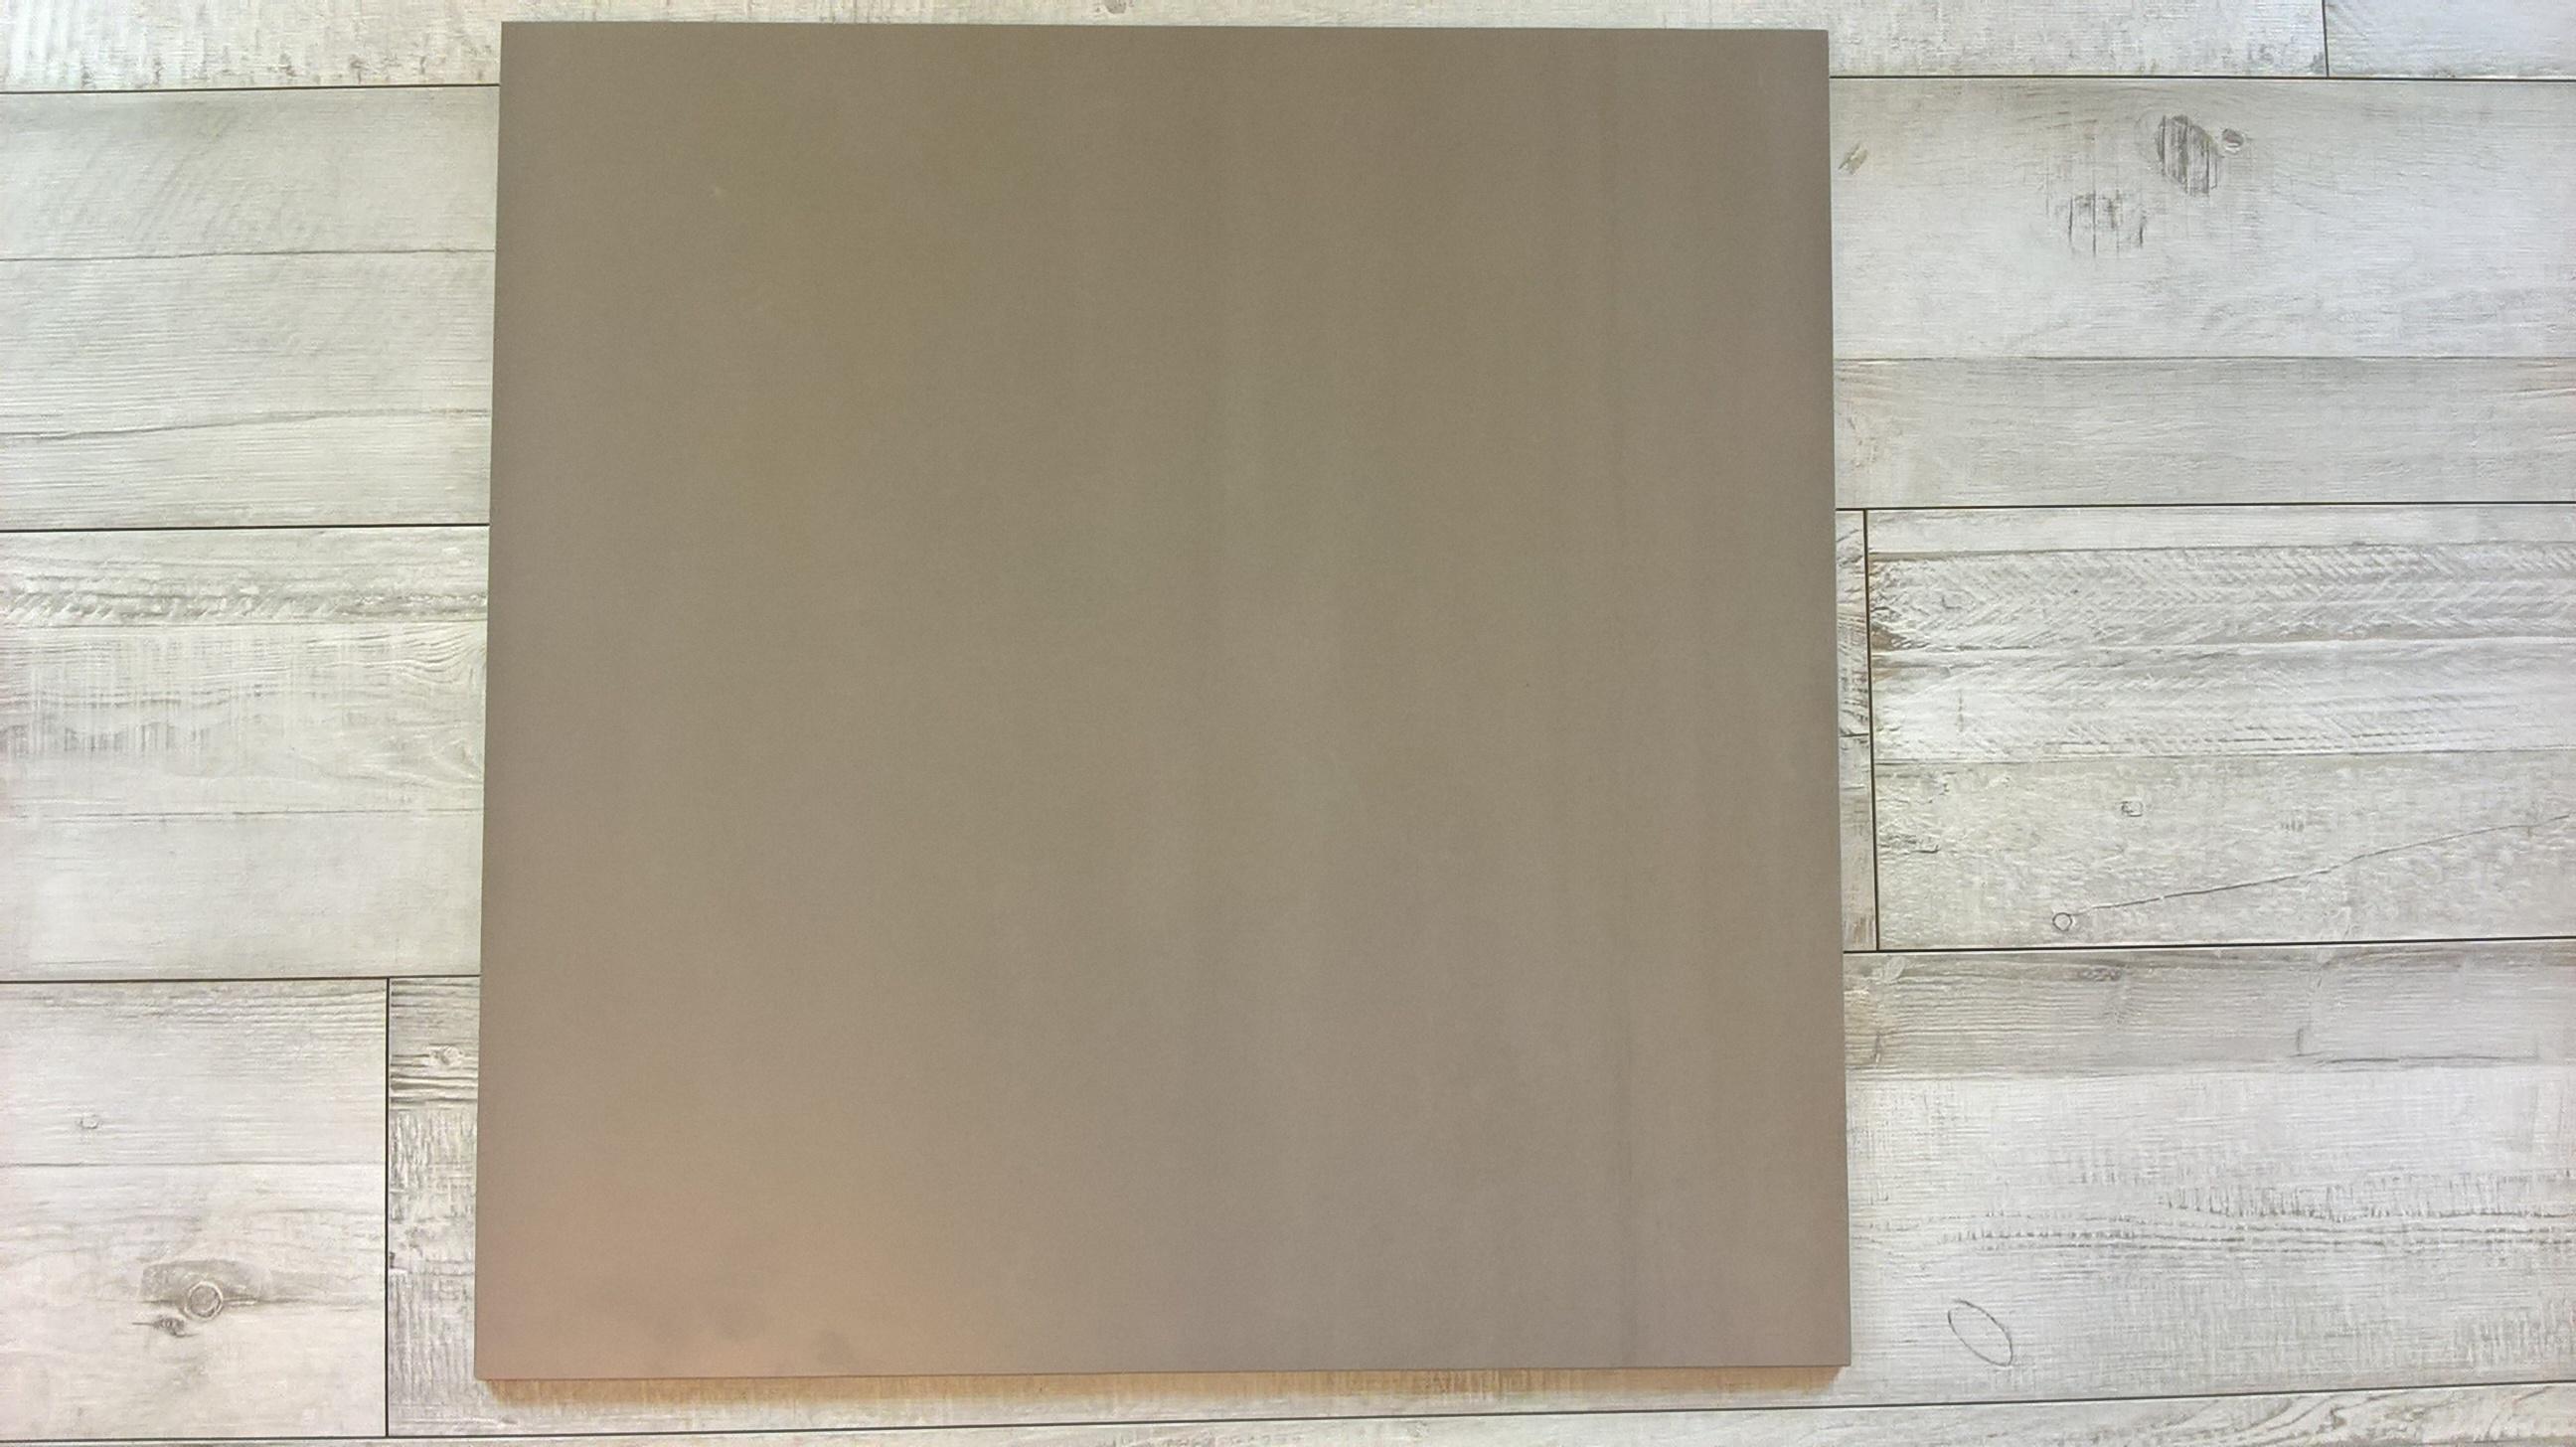 gres porcellanato 60x60 rettificato per pavimenti e